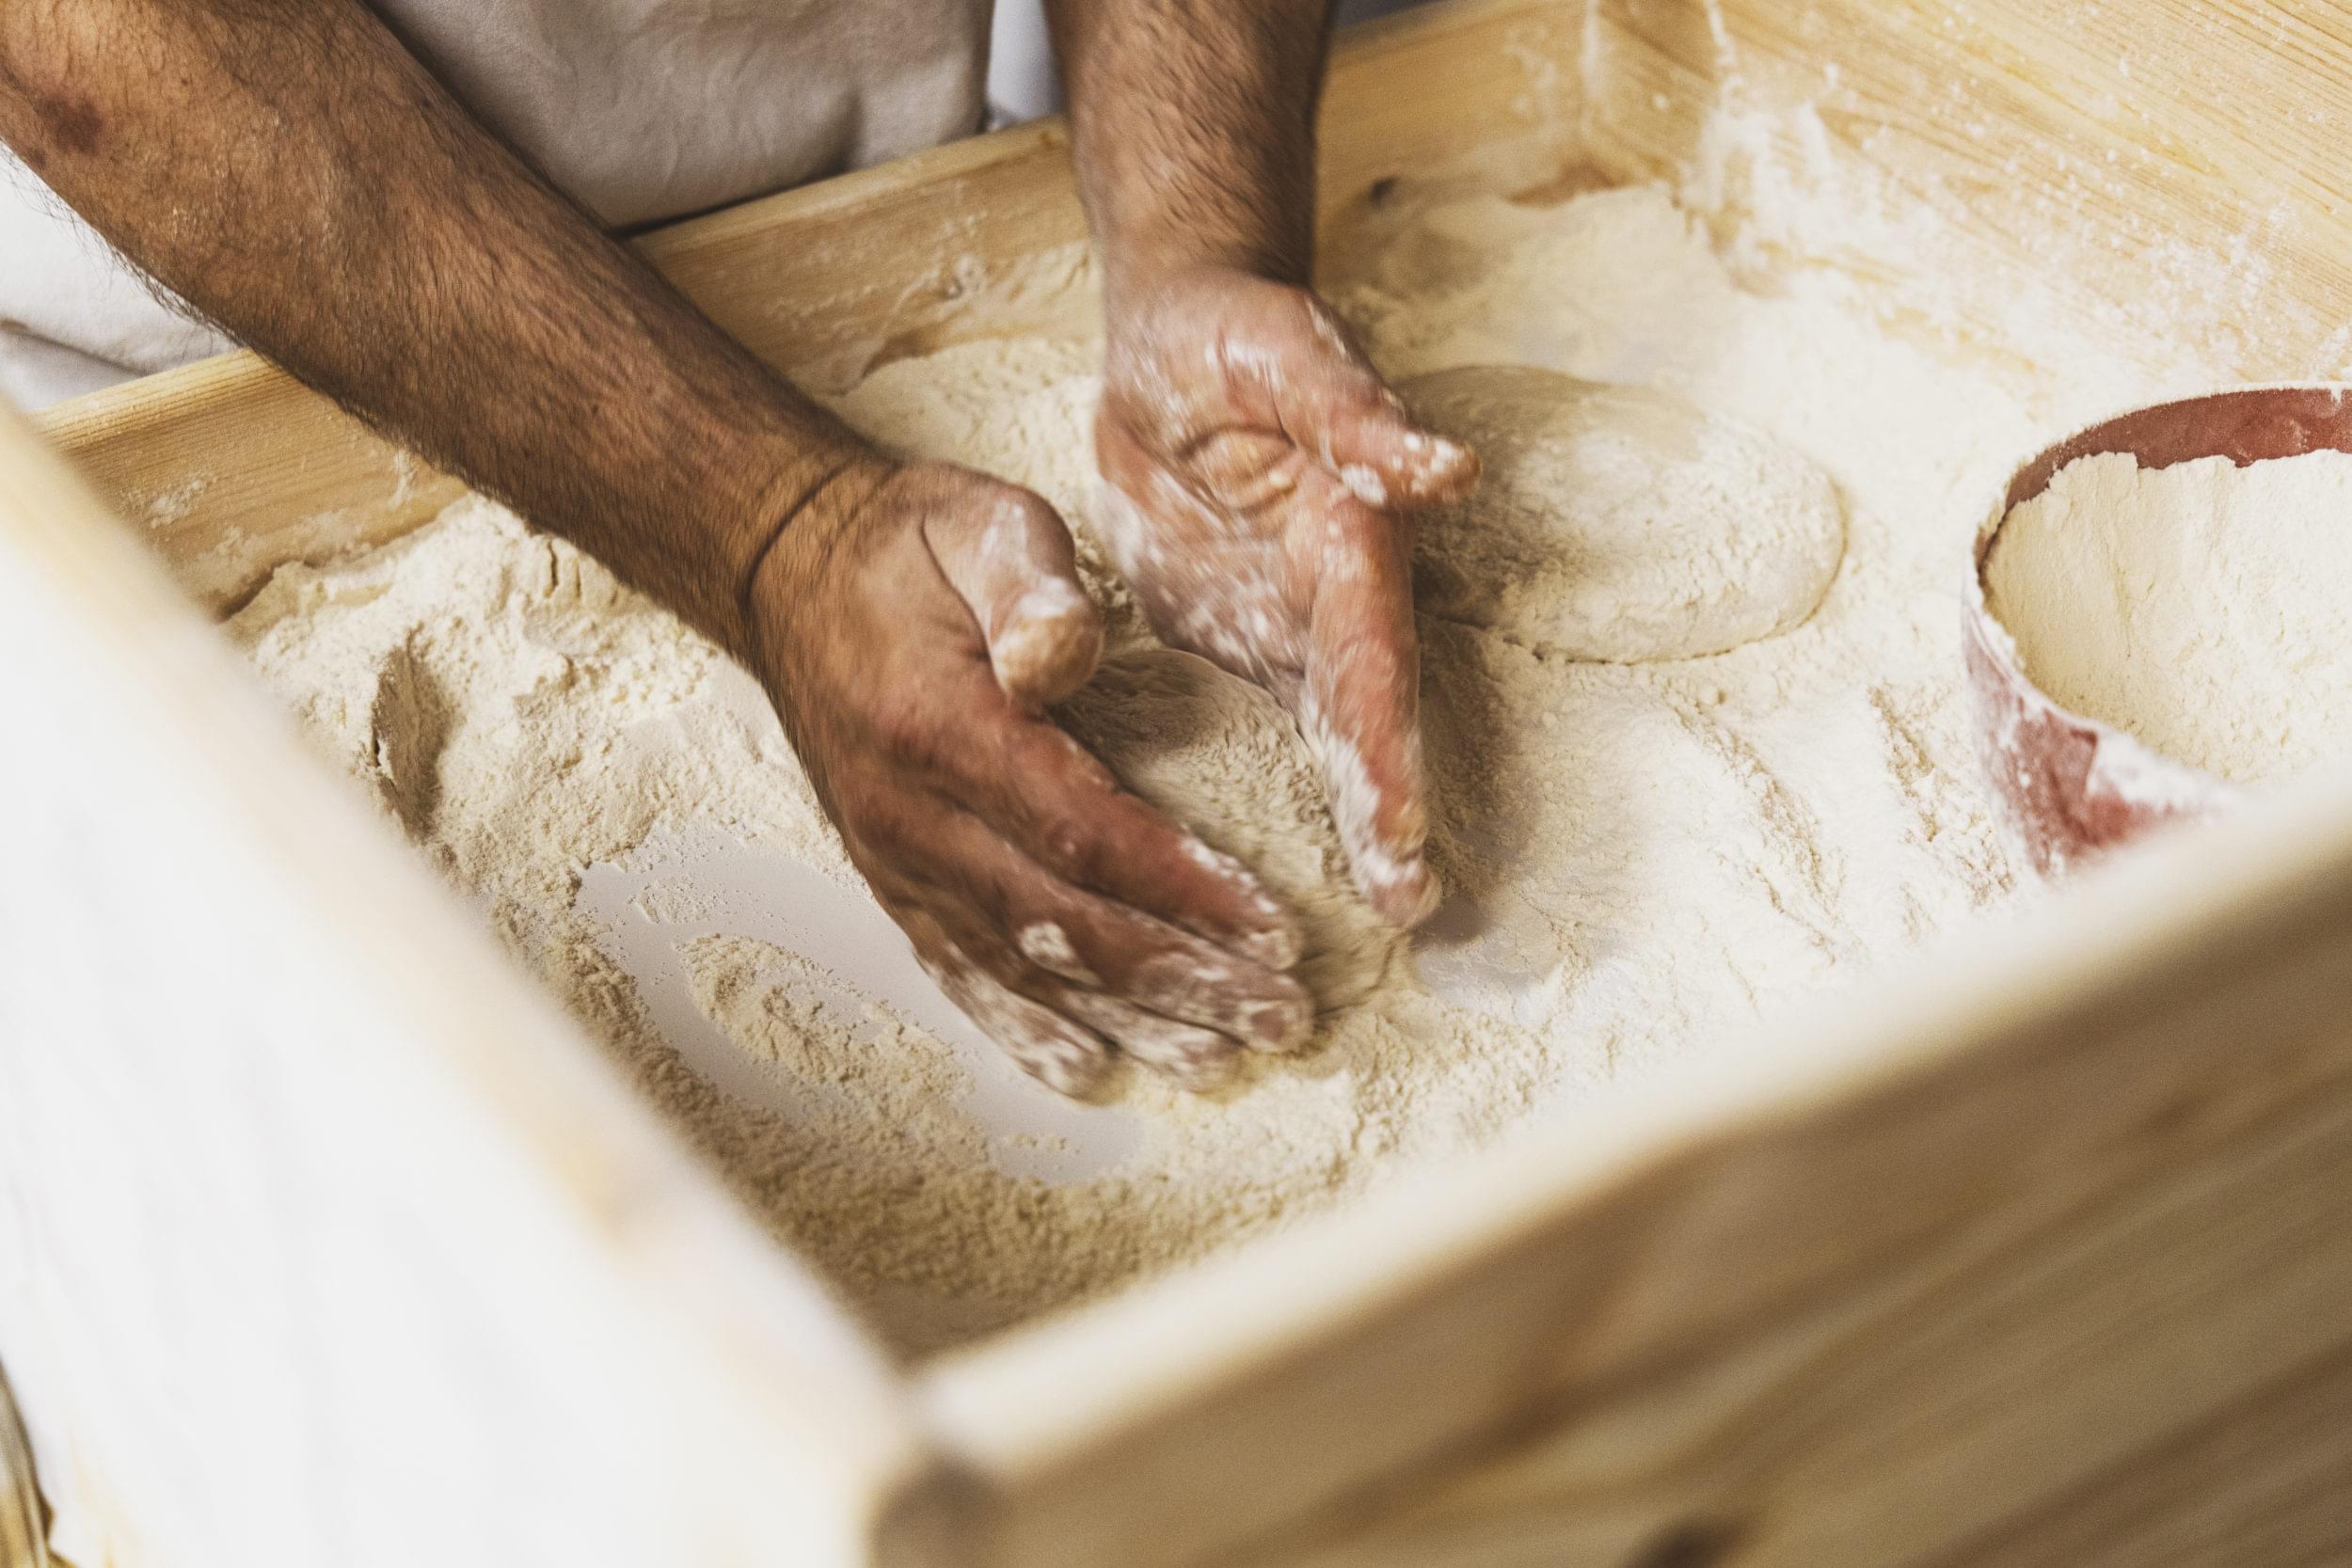 Två händer som knådar pizzadeg.